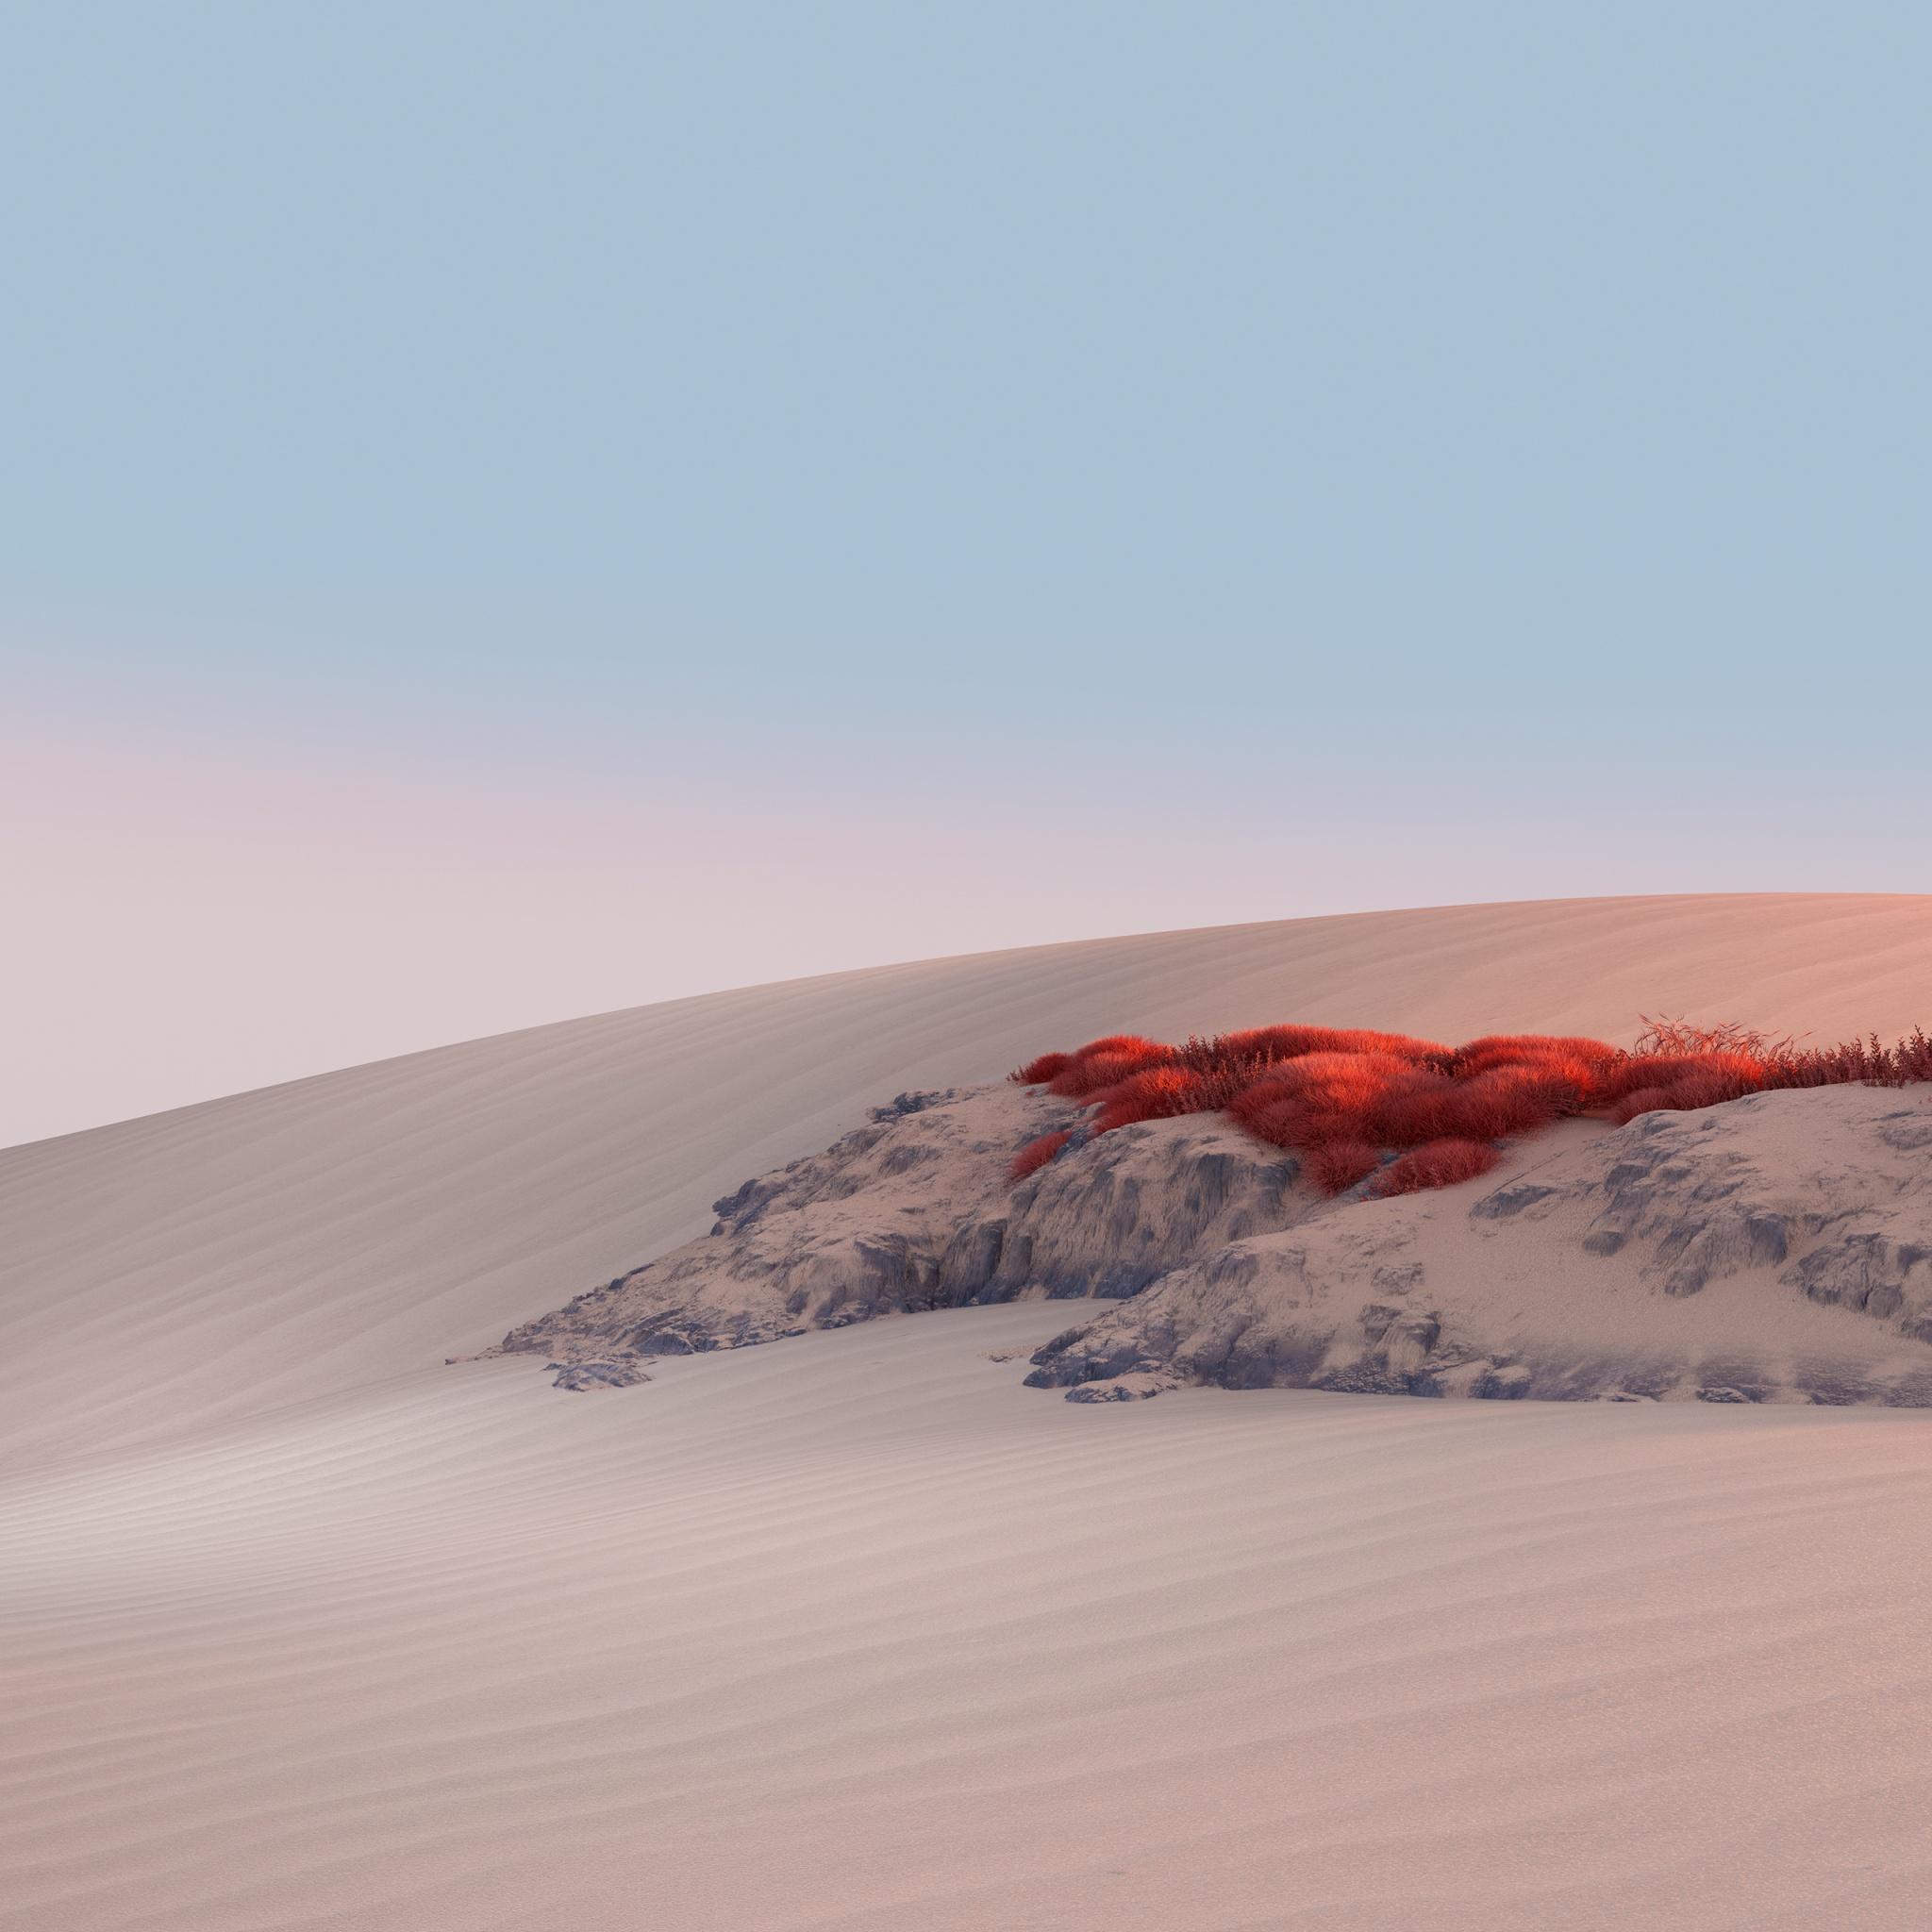 Landscape 4K Wallpaper, Desert, Sand Dunes, Clear Sky